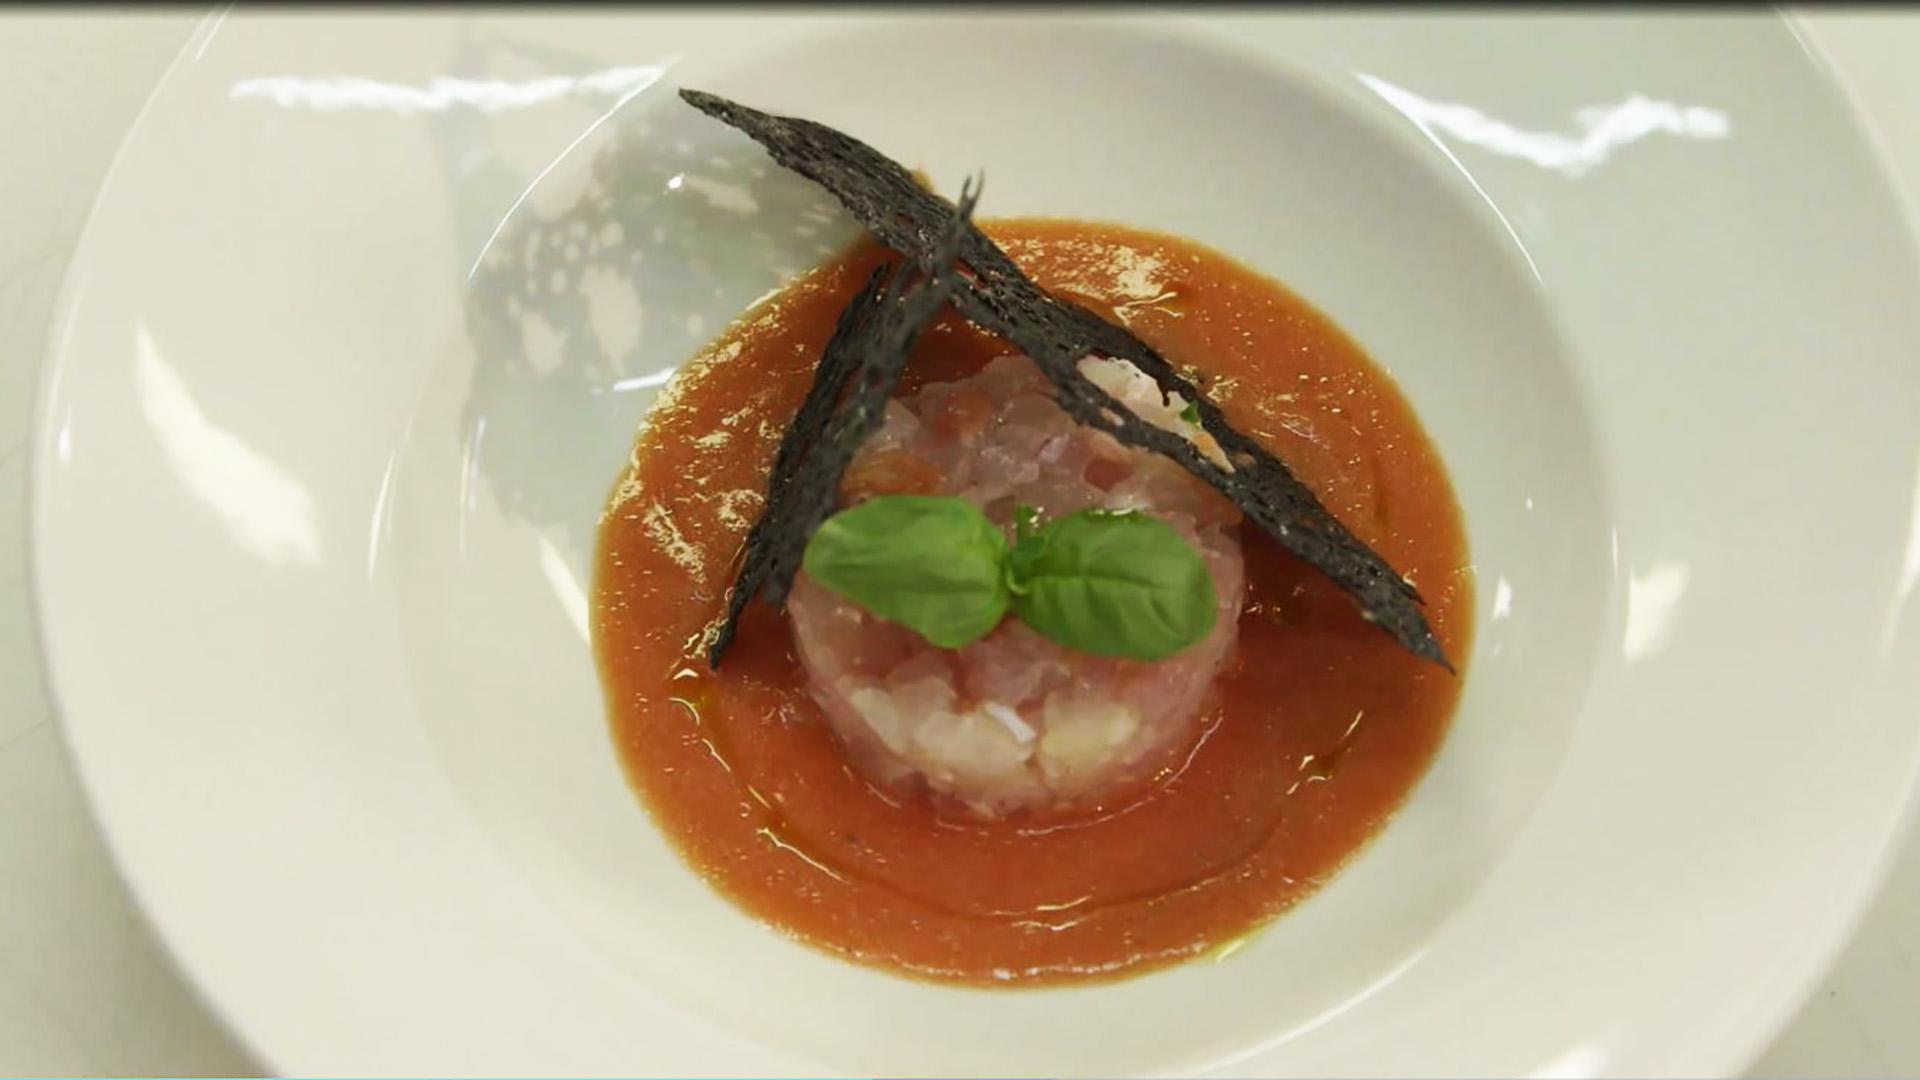 Cucine da incubo italia le ricette di chef cannavacciuolo tartare di dentice con cialda al - Ricette cucine da incubo ...